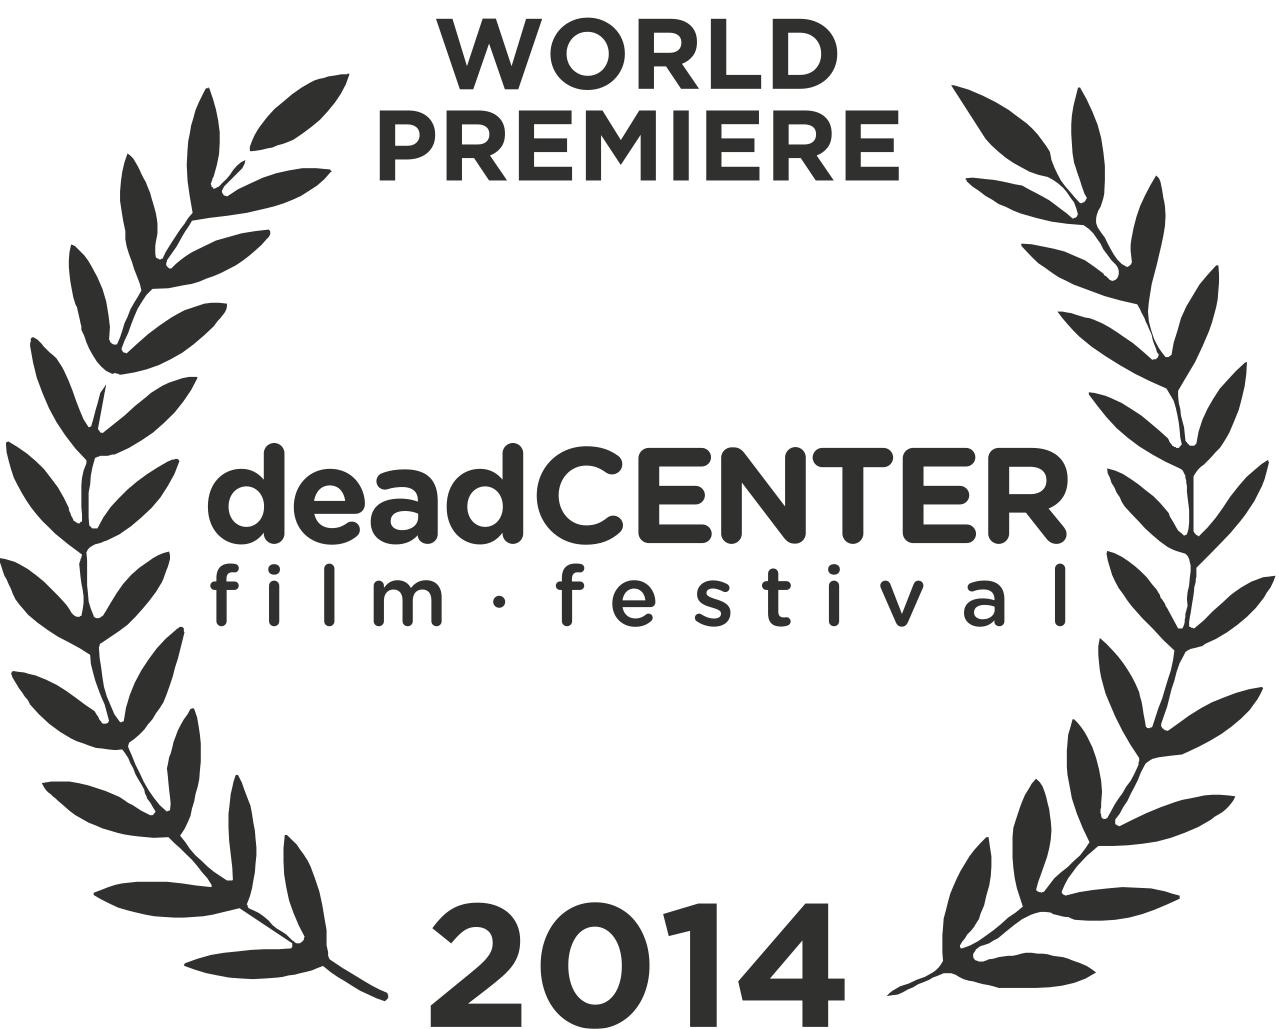 dC2014-Laurel-WorldPremiere.jpg